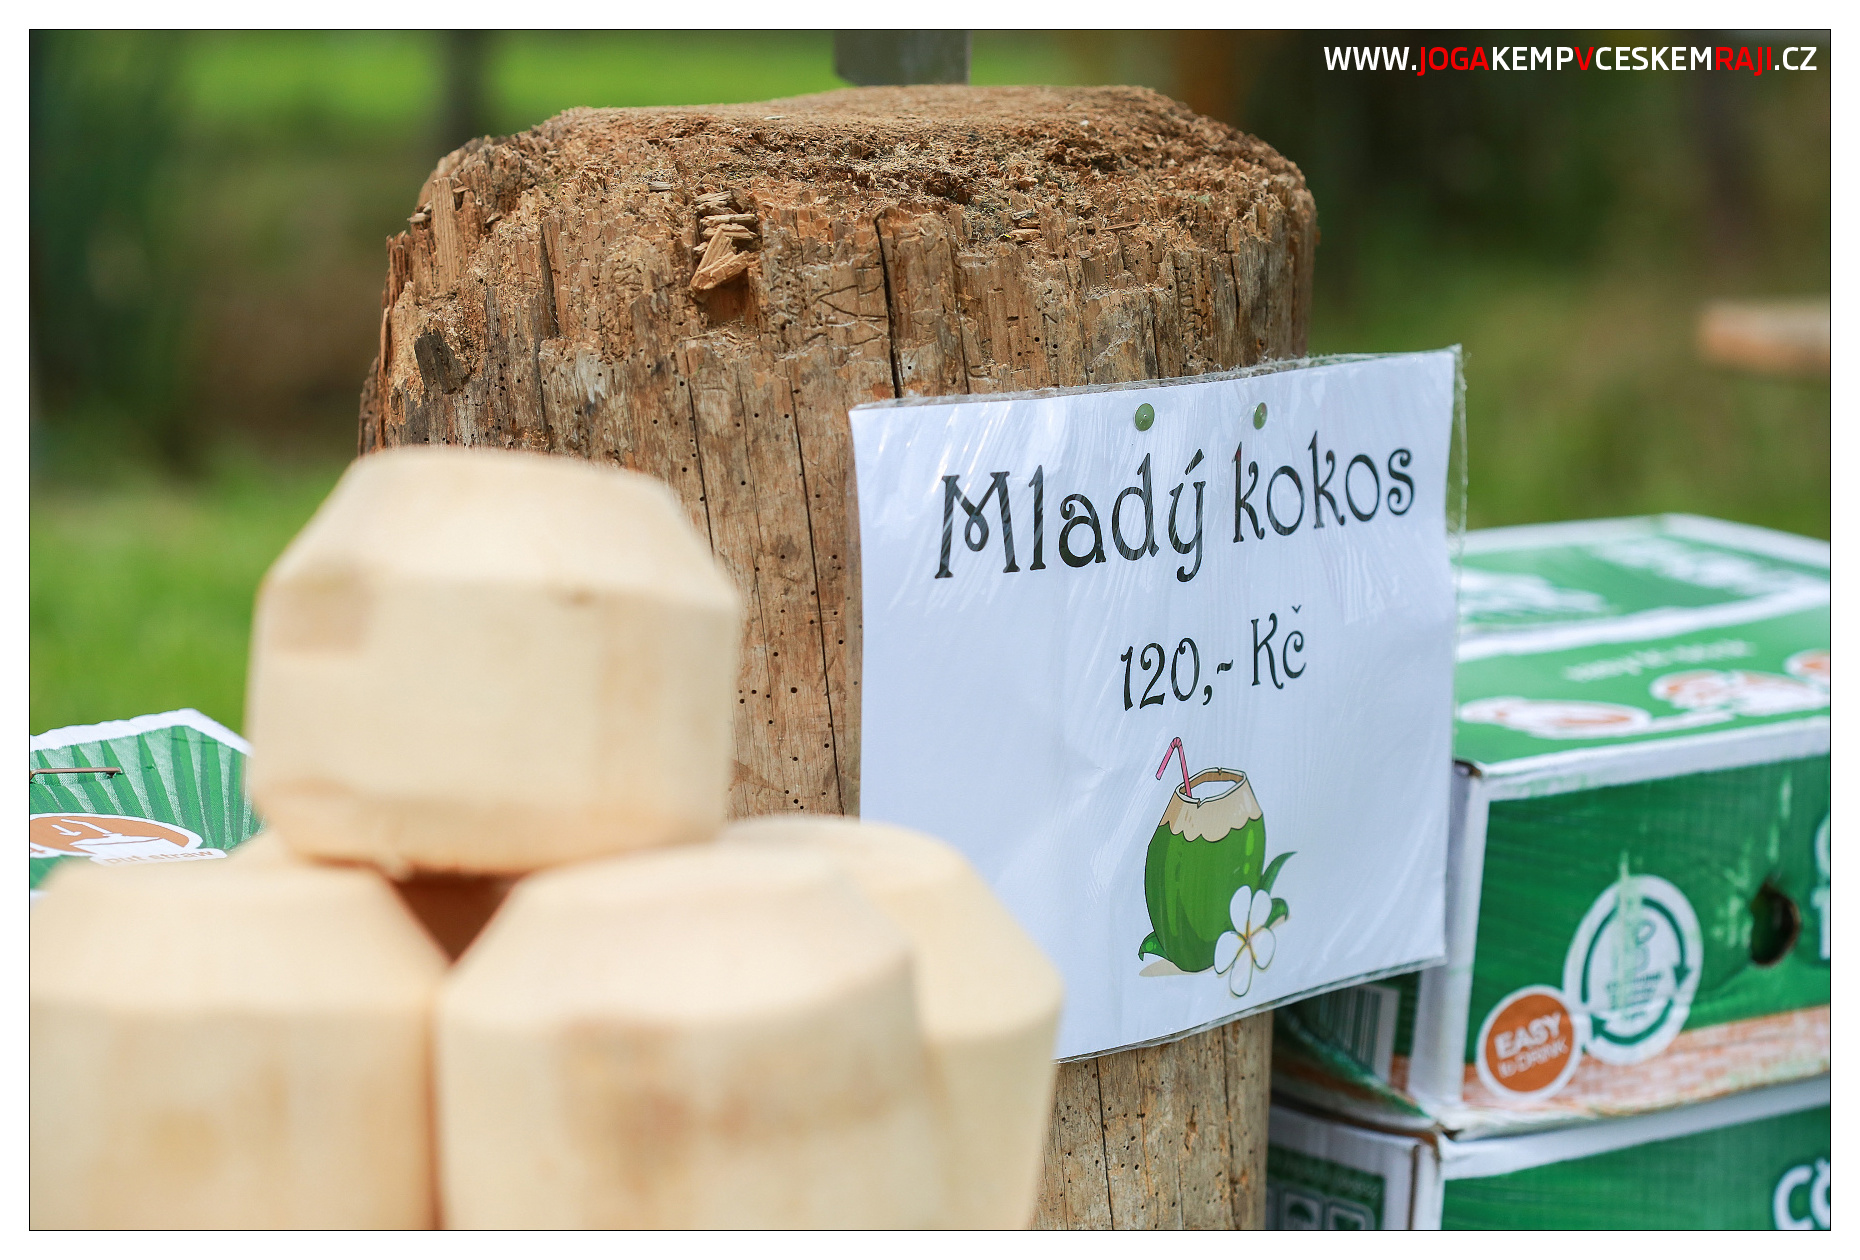 JOGA KEMP V ČESKÉM RÁJI - www.jogakempvceskemraji.cz